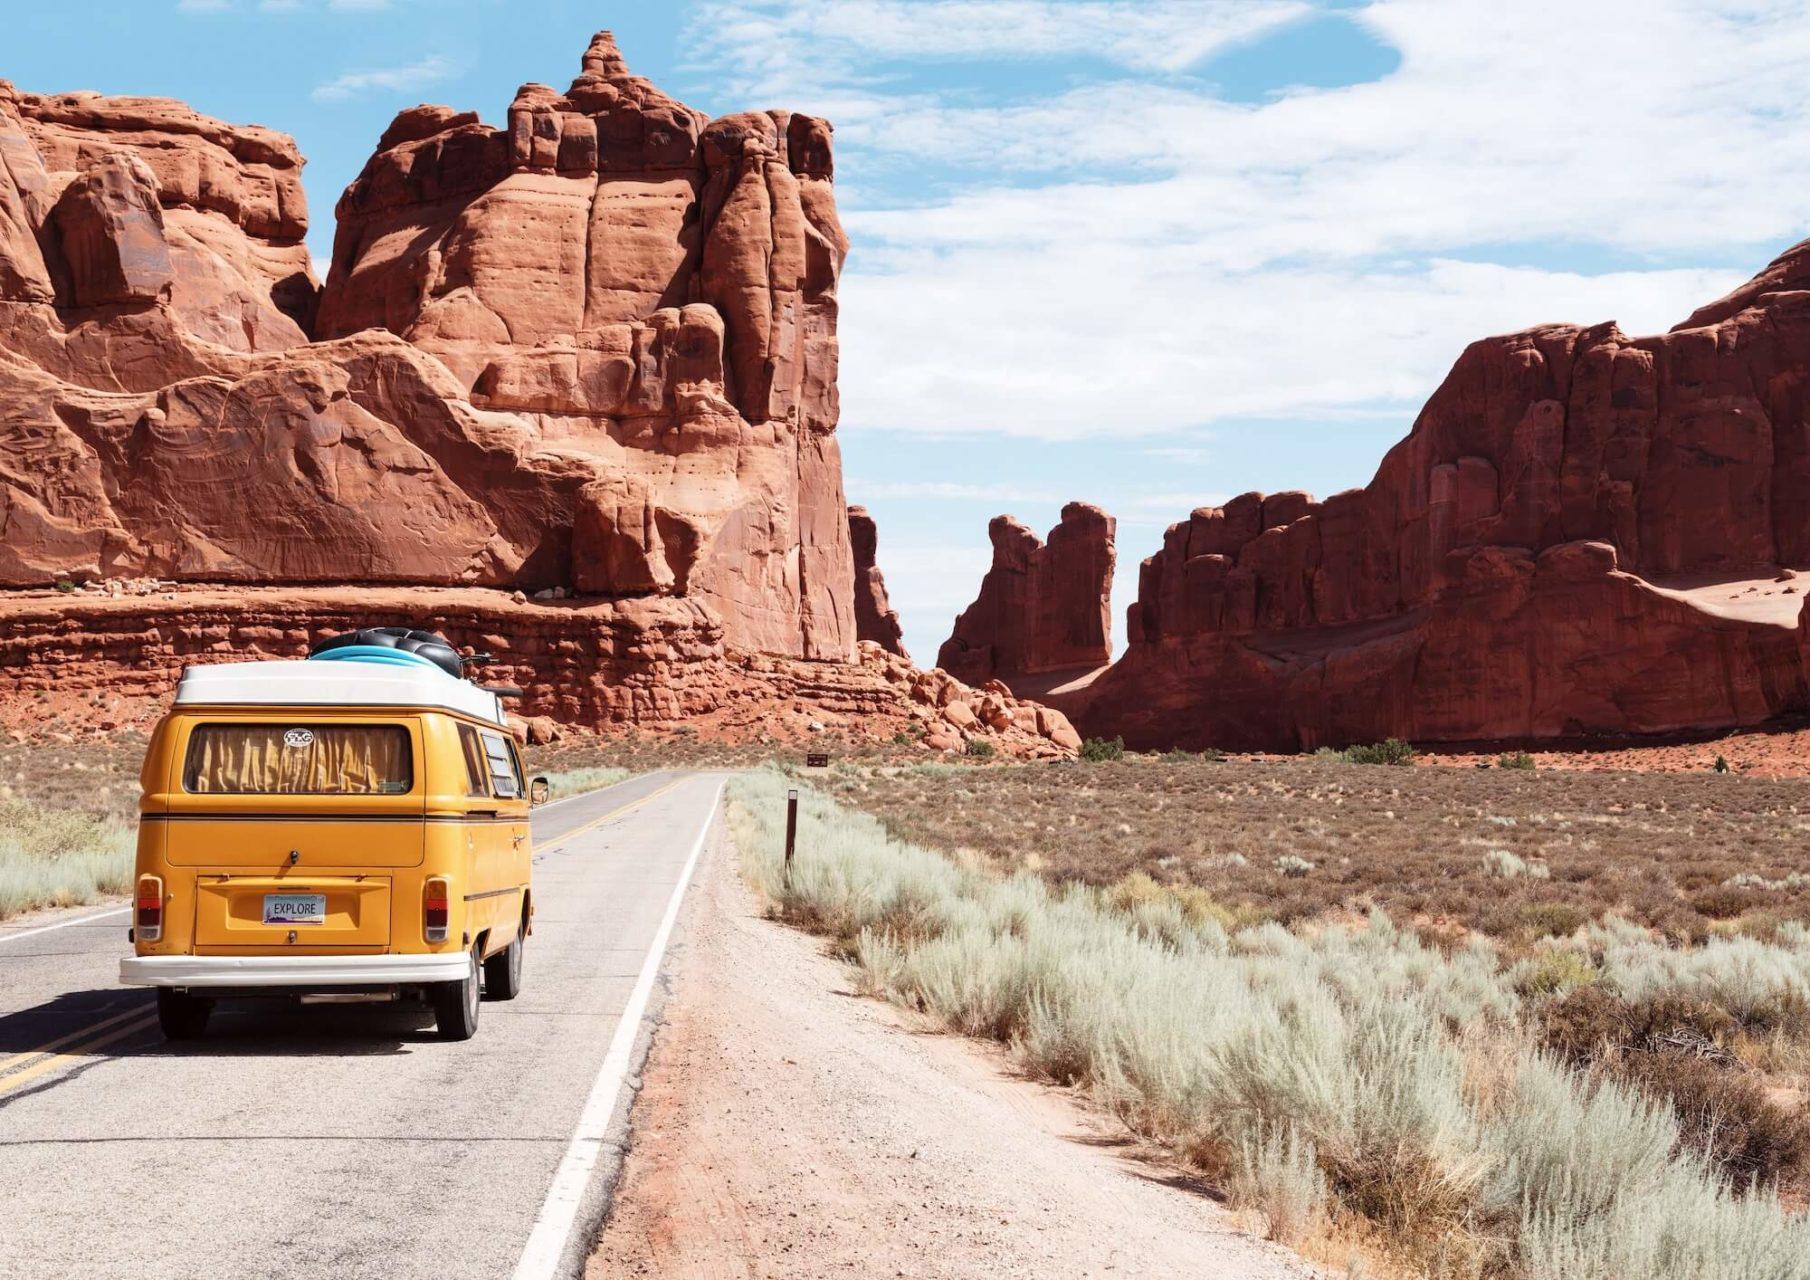 Van with